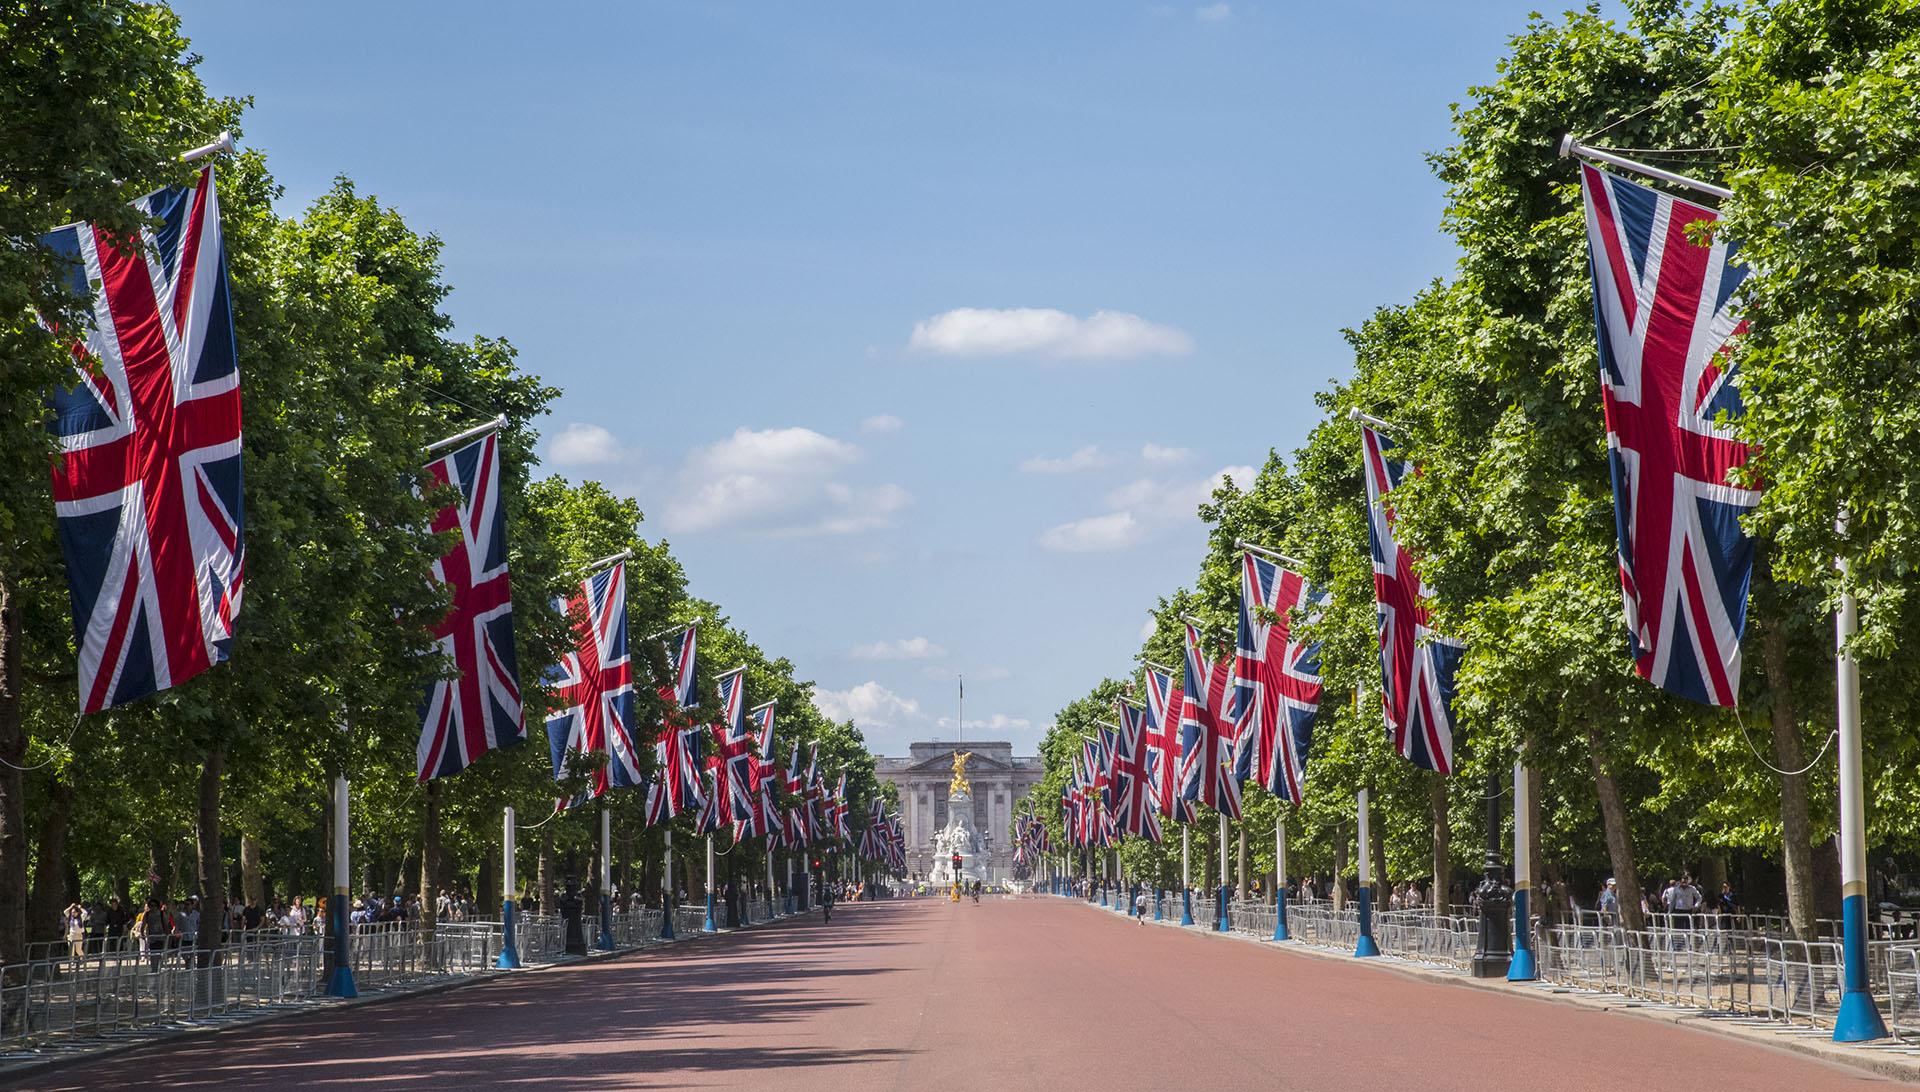 El Palacio de Buckingham es la residencia de la Familia Real Británica en Londres desde 1837. Actualmente, es el lugar de residencia de la reina Isabel II